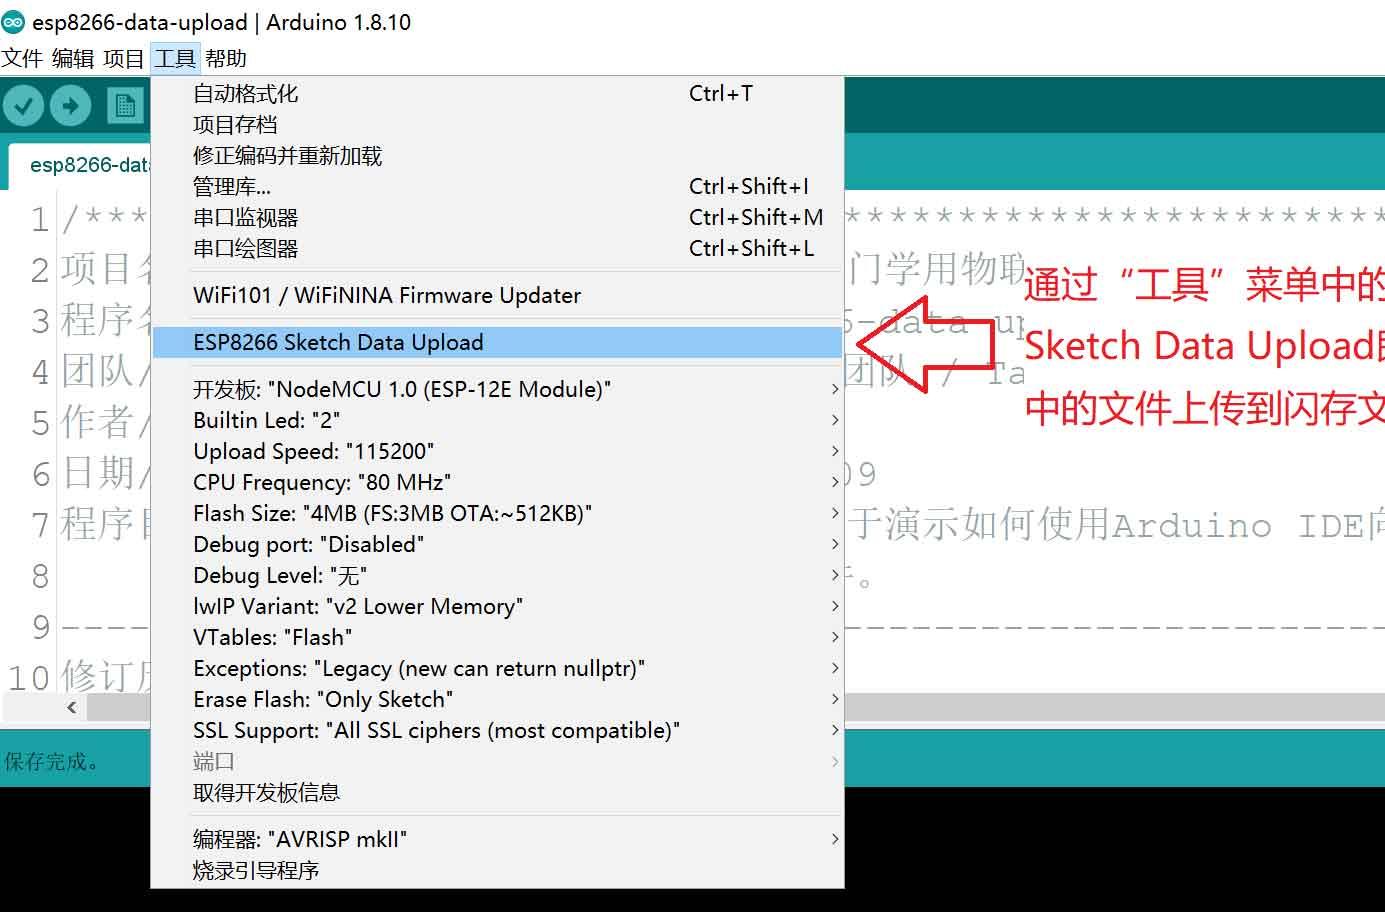 通过ESP8266 Sketch Data Upload可以将data文件夹里的文件上传